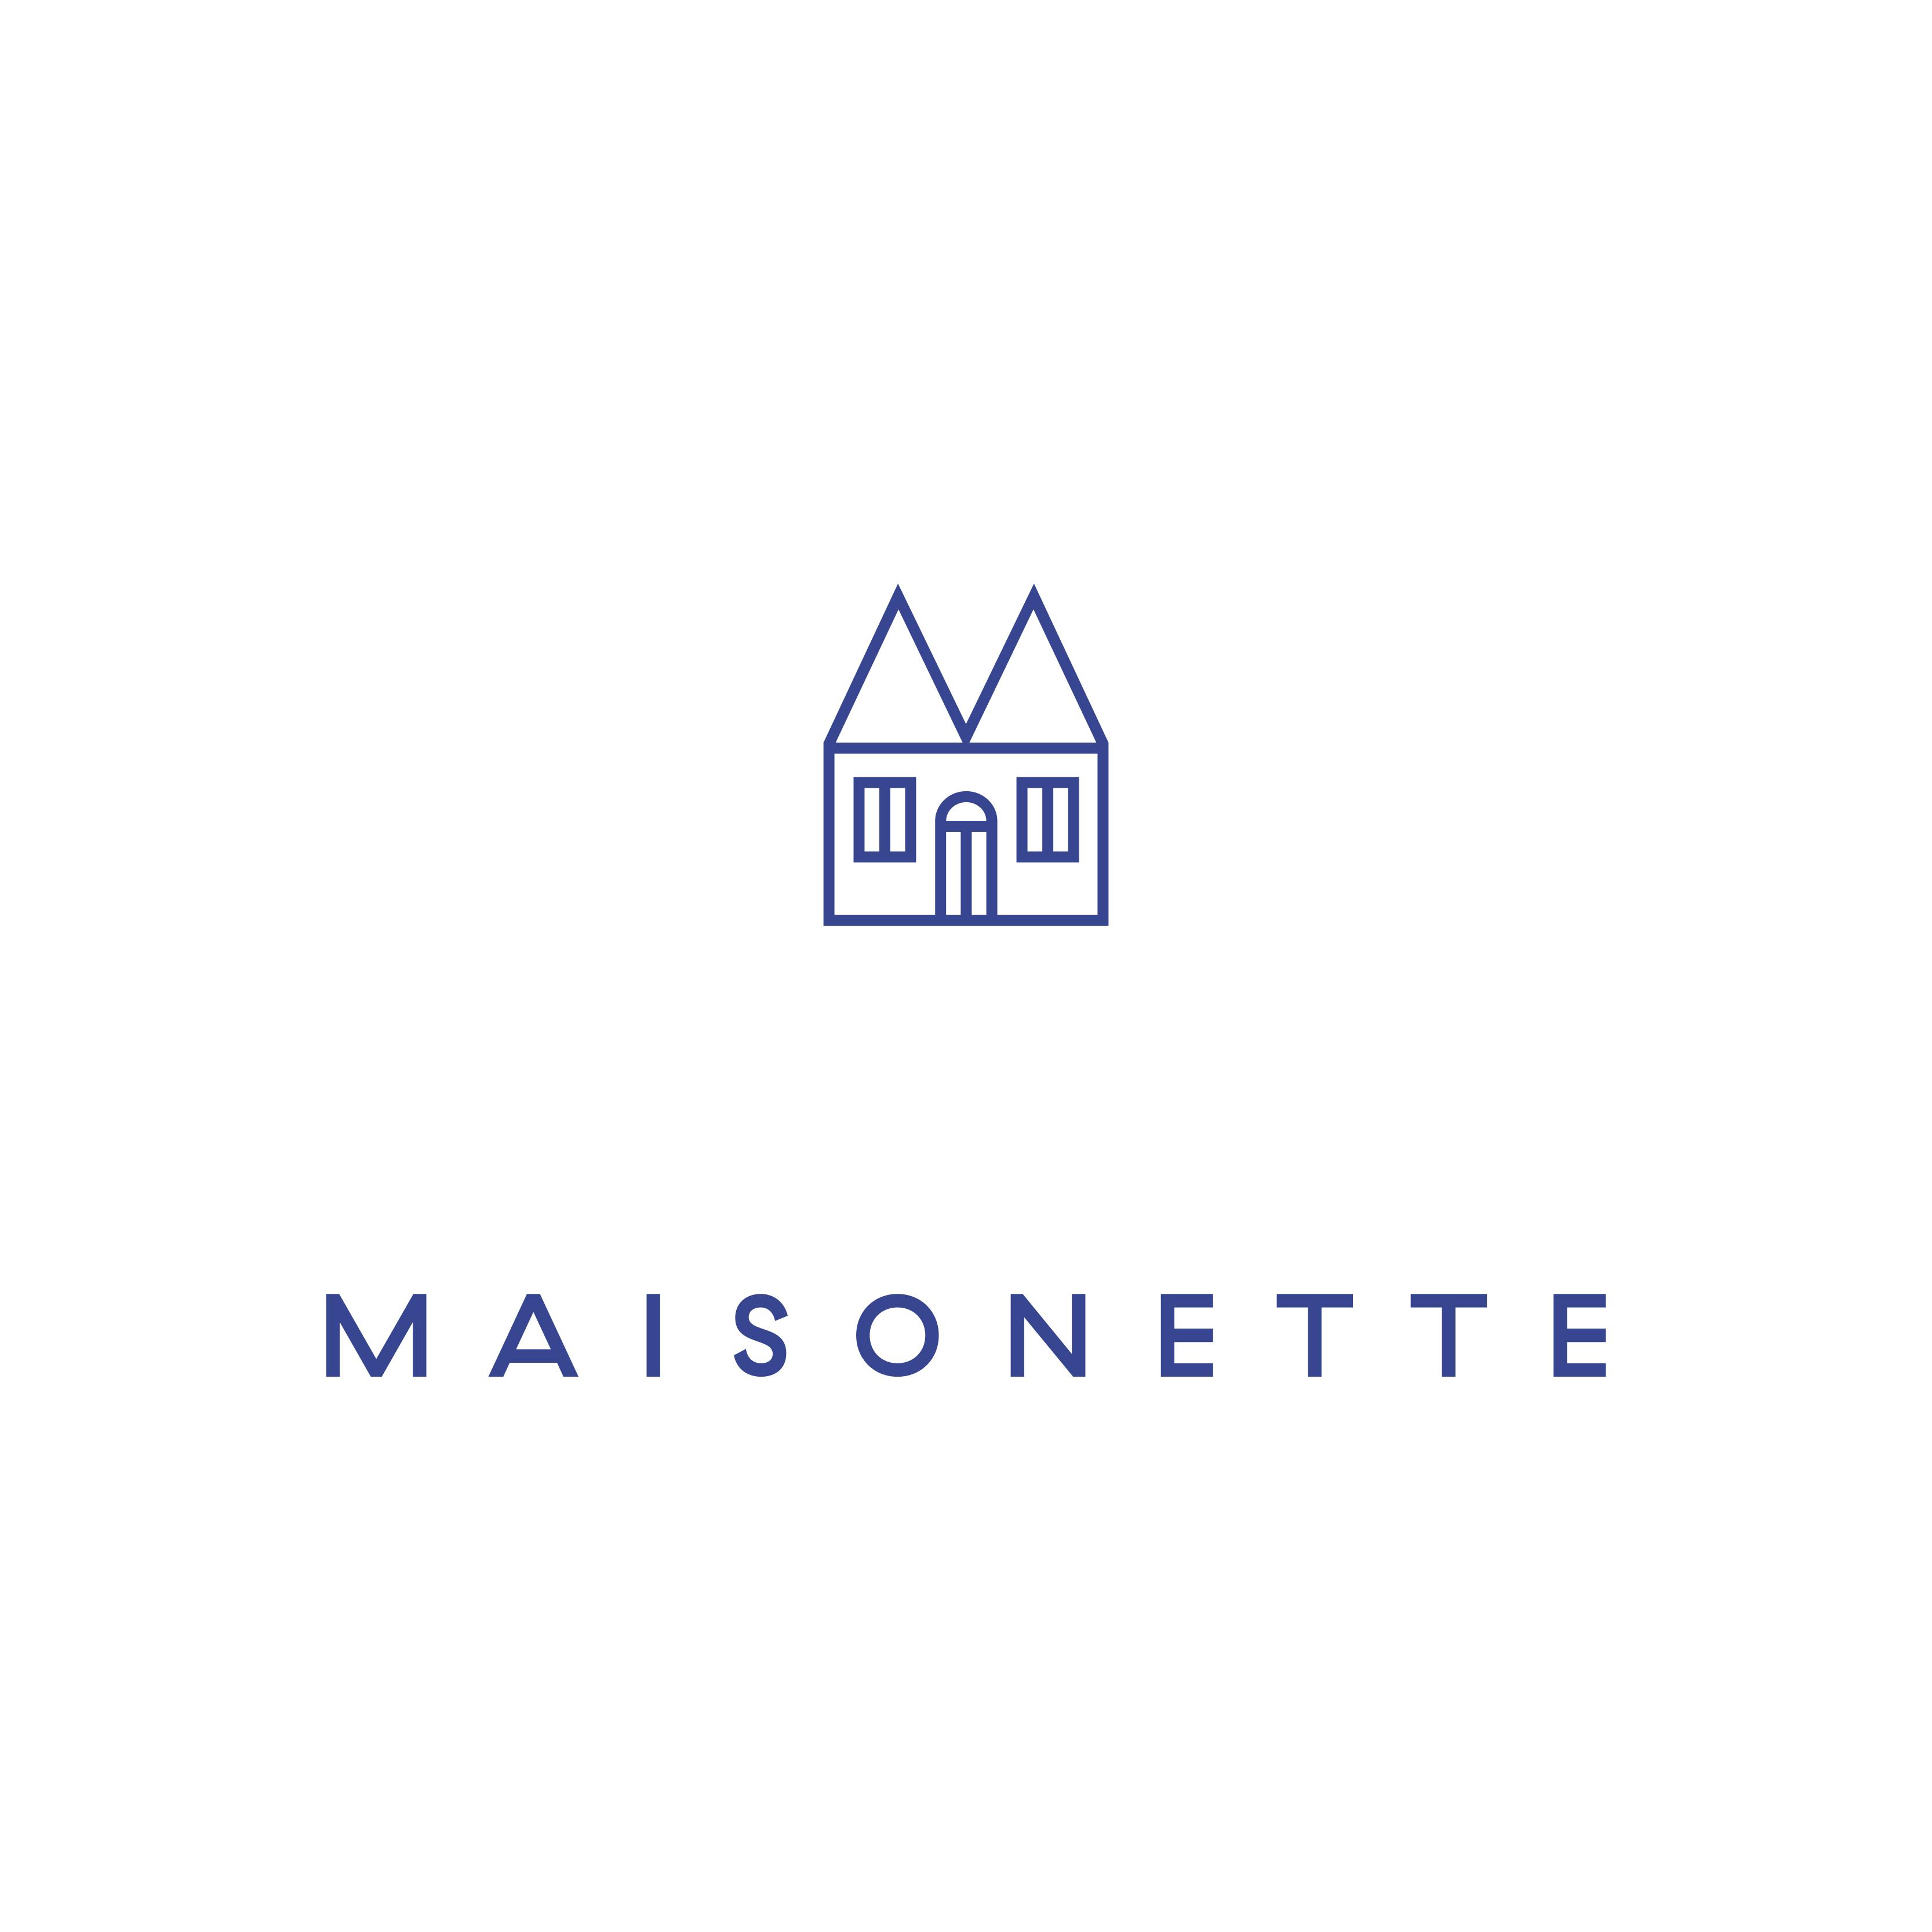 www.maisonette.com